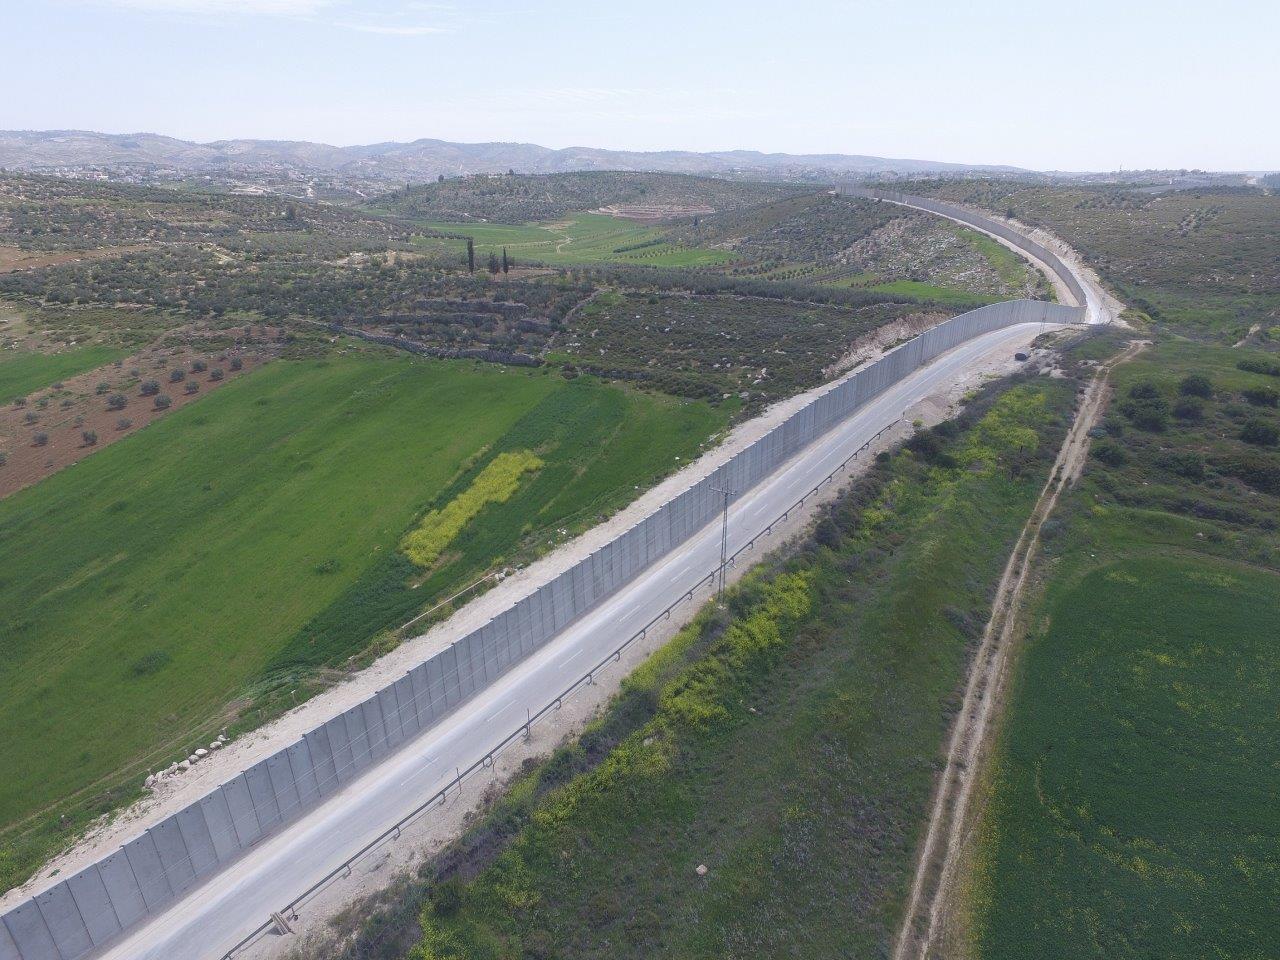 הגדר הביטחונית בדרום הר חברון